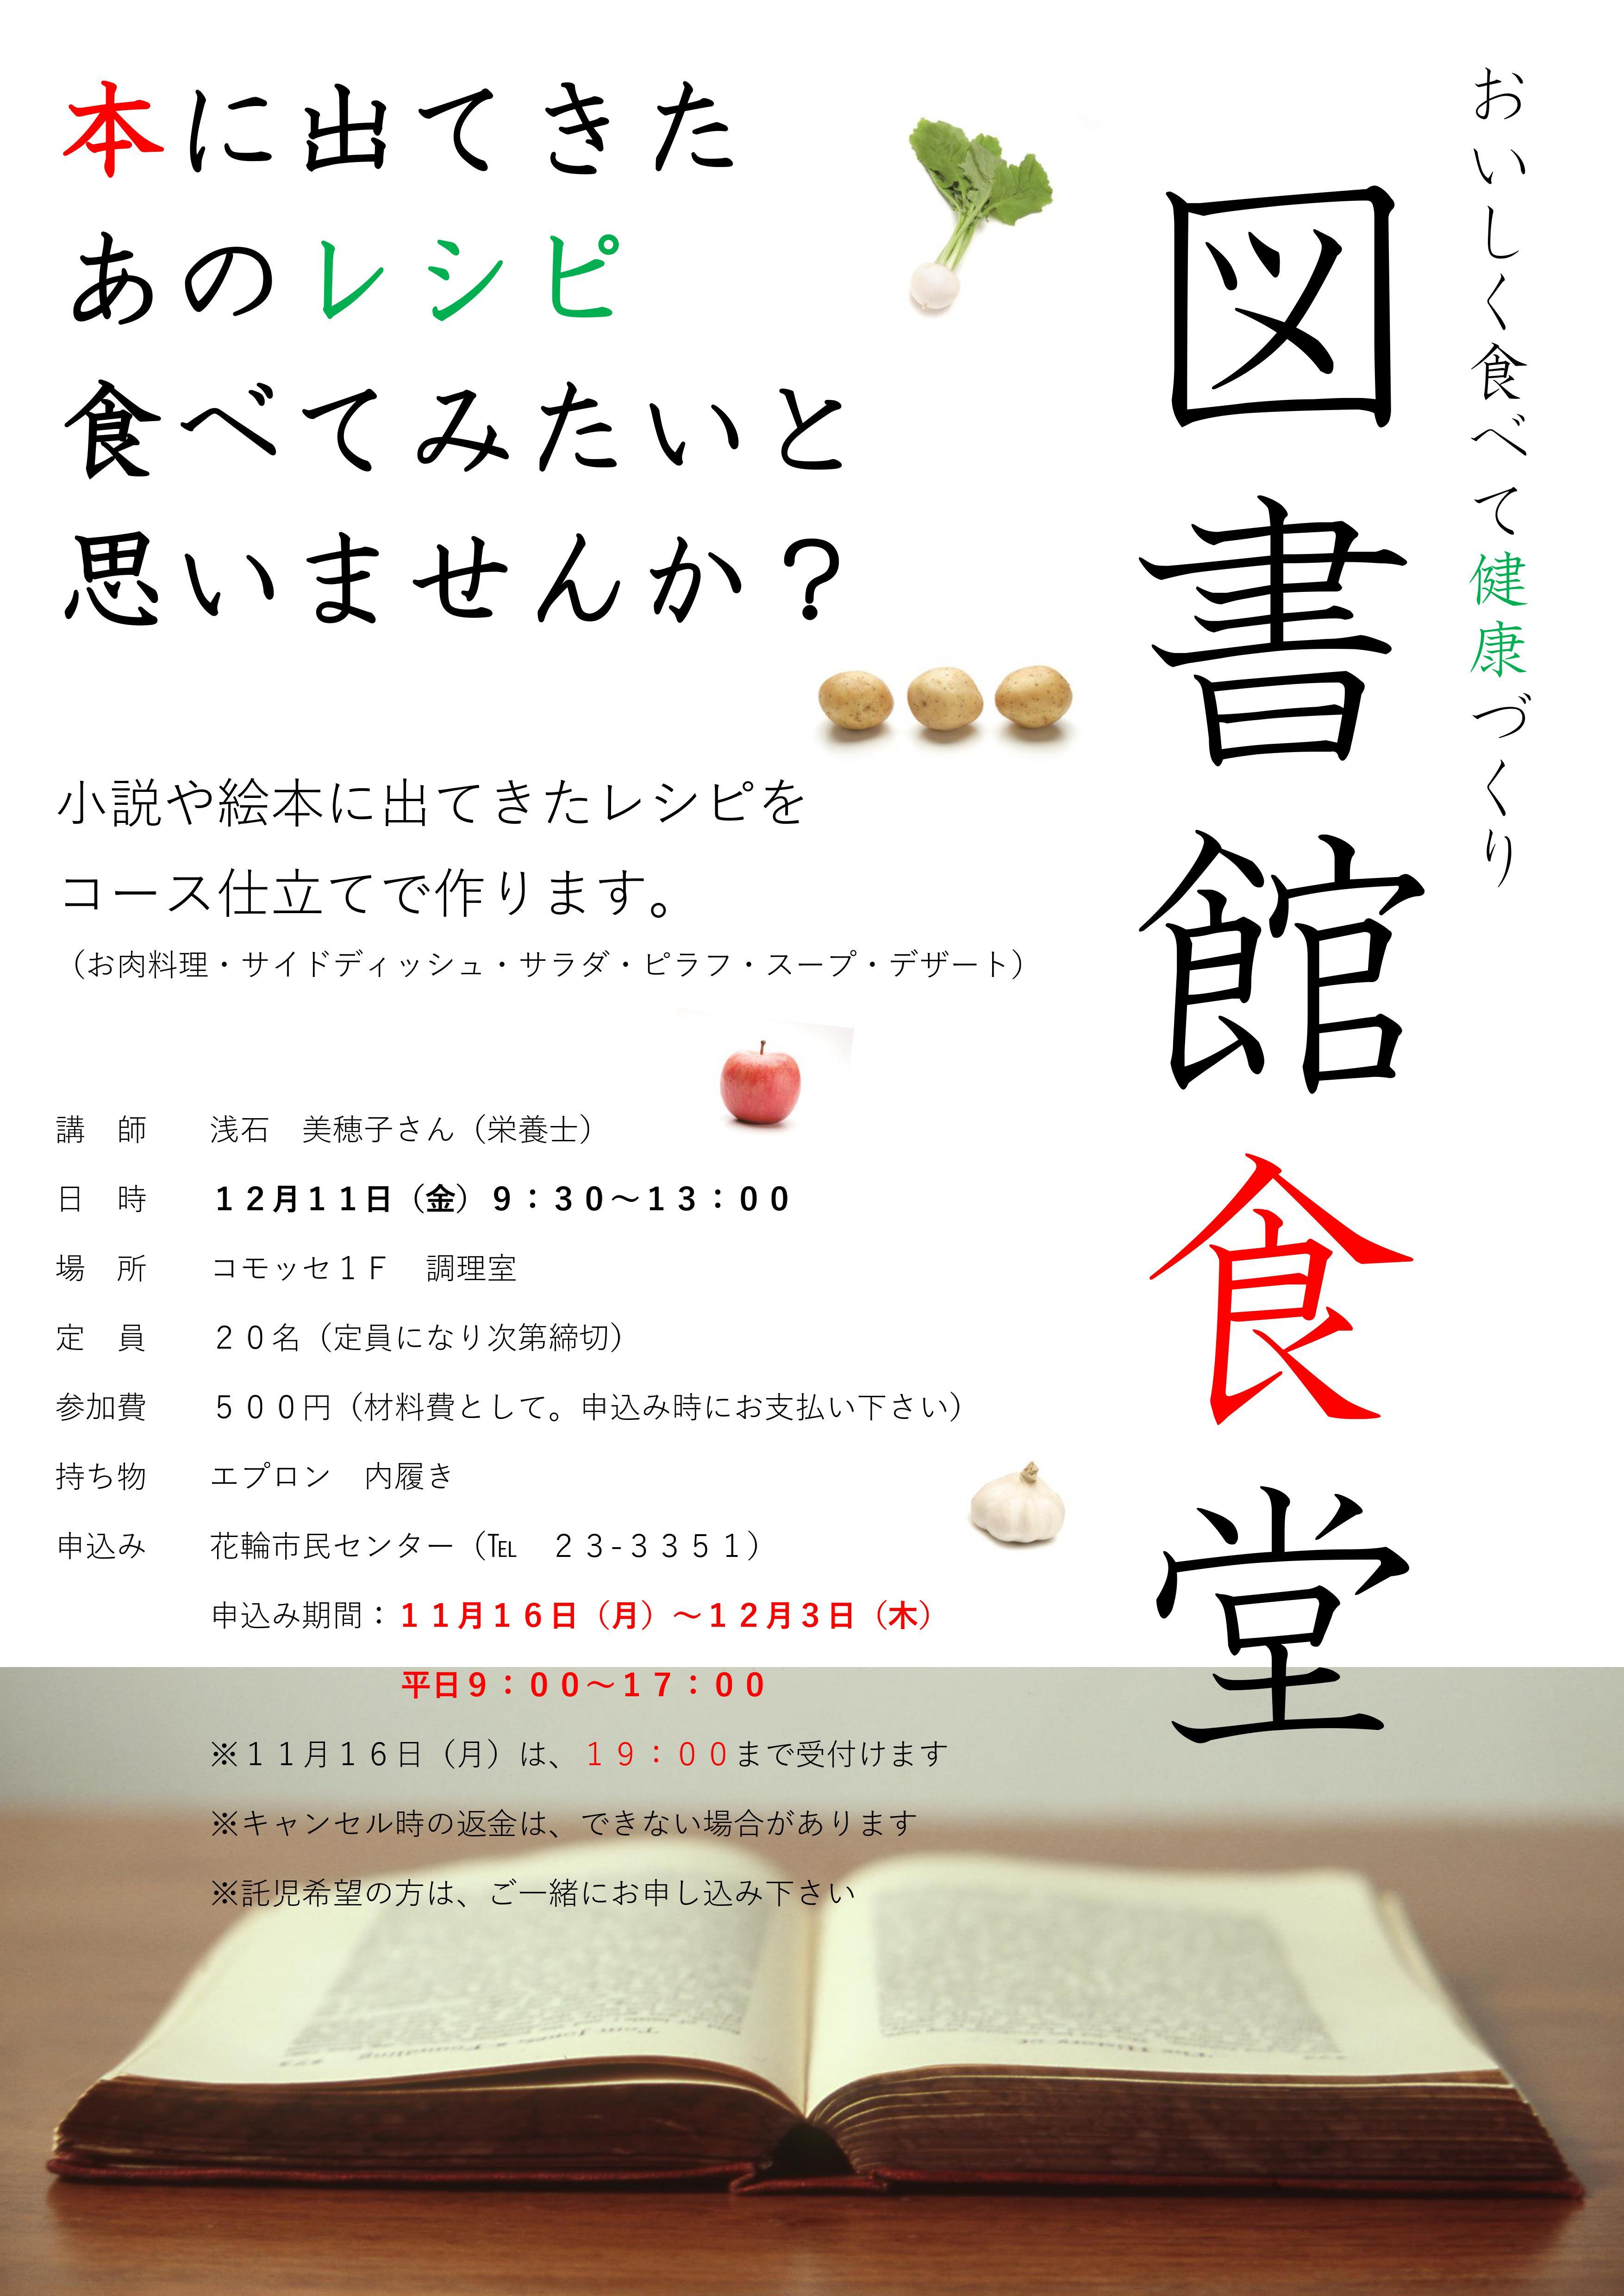 20151211syokudo